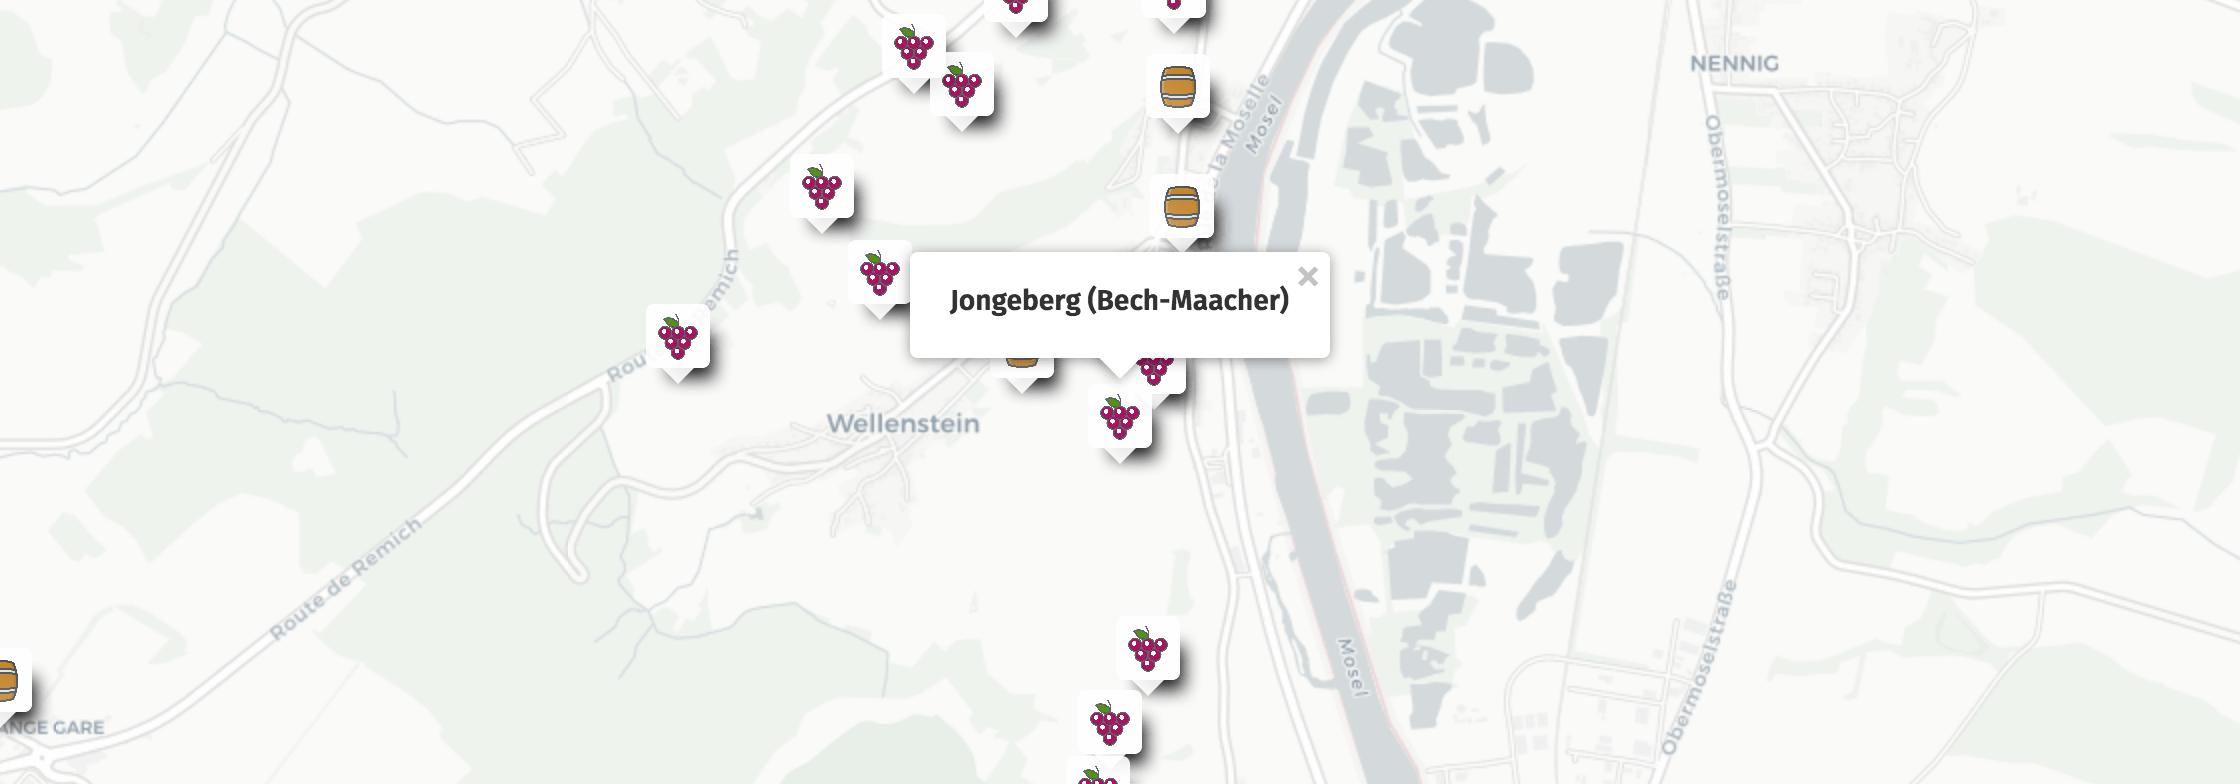 Geolocation of Jongeberg wines in Bech-Maacher